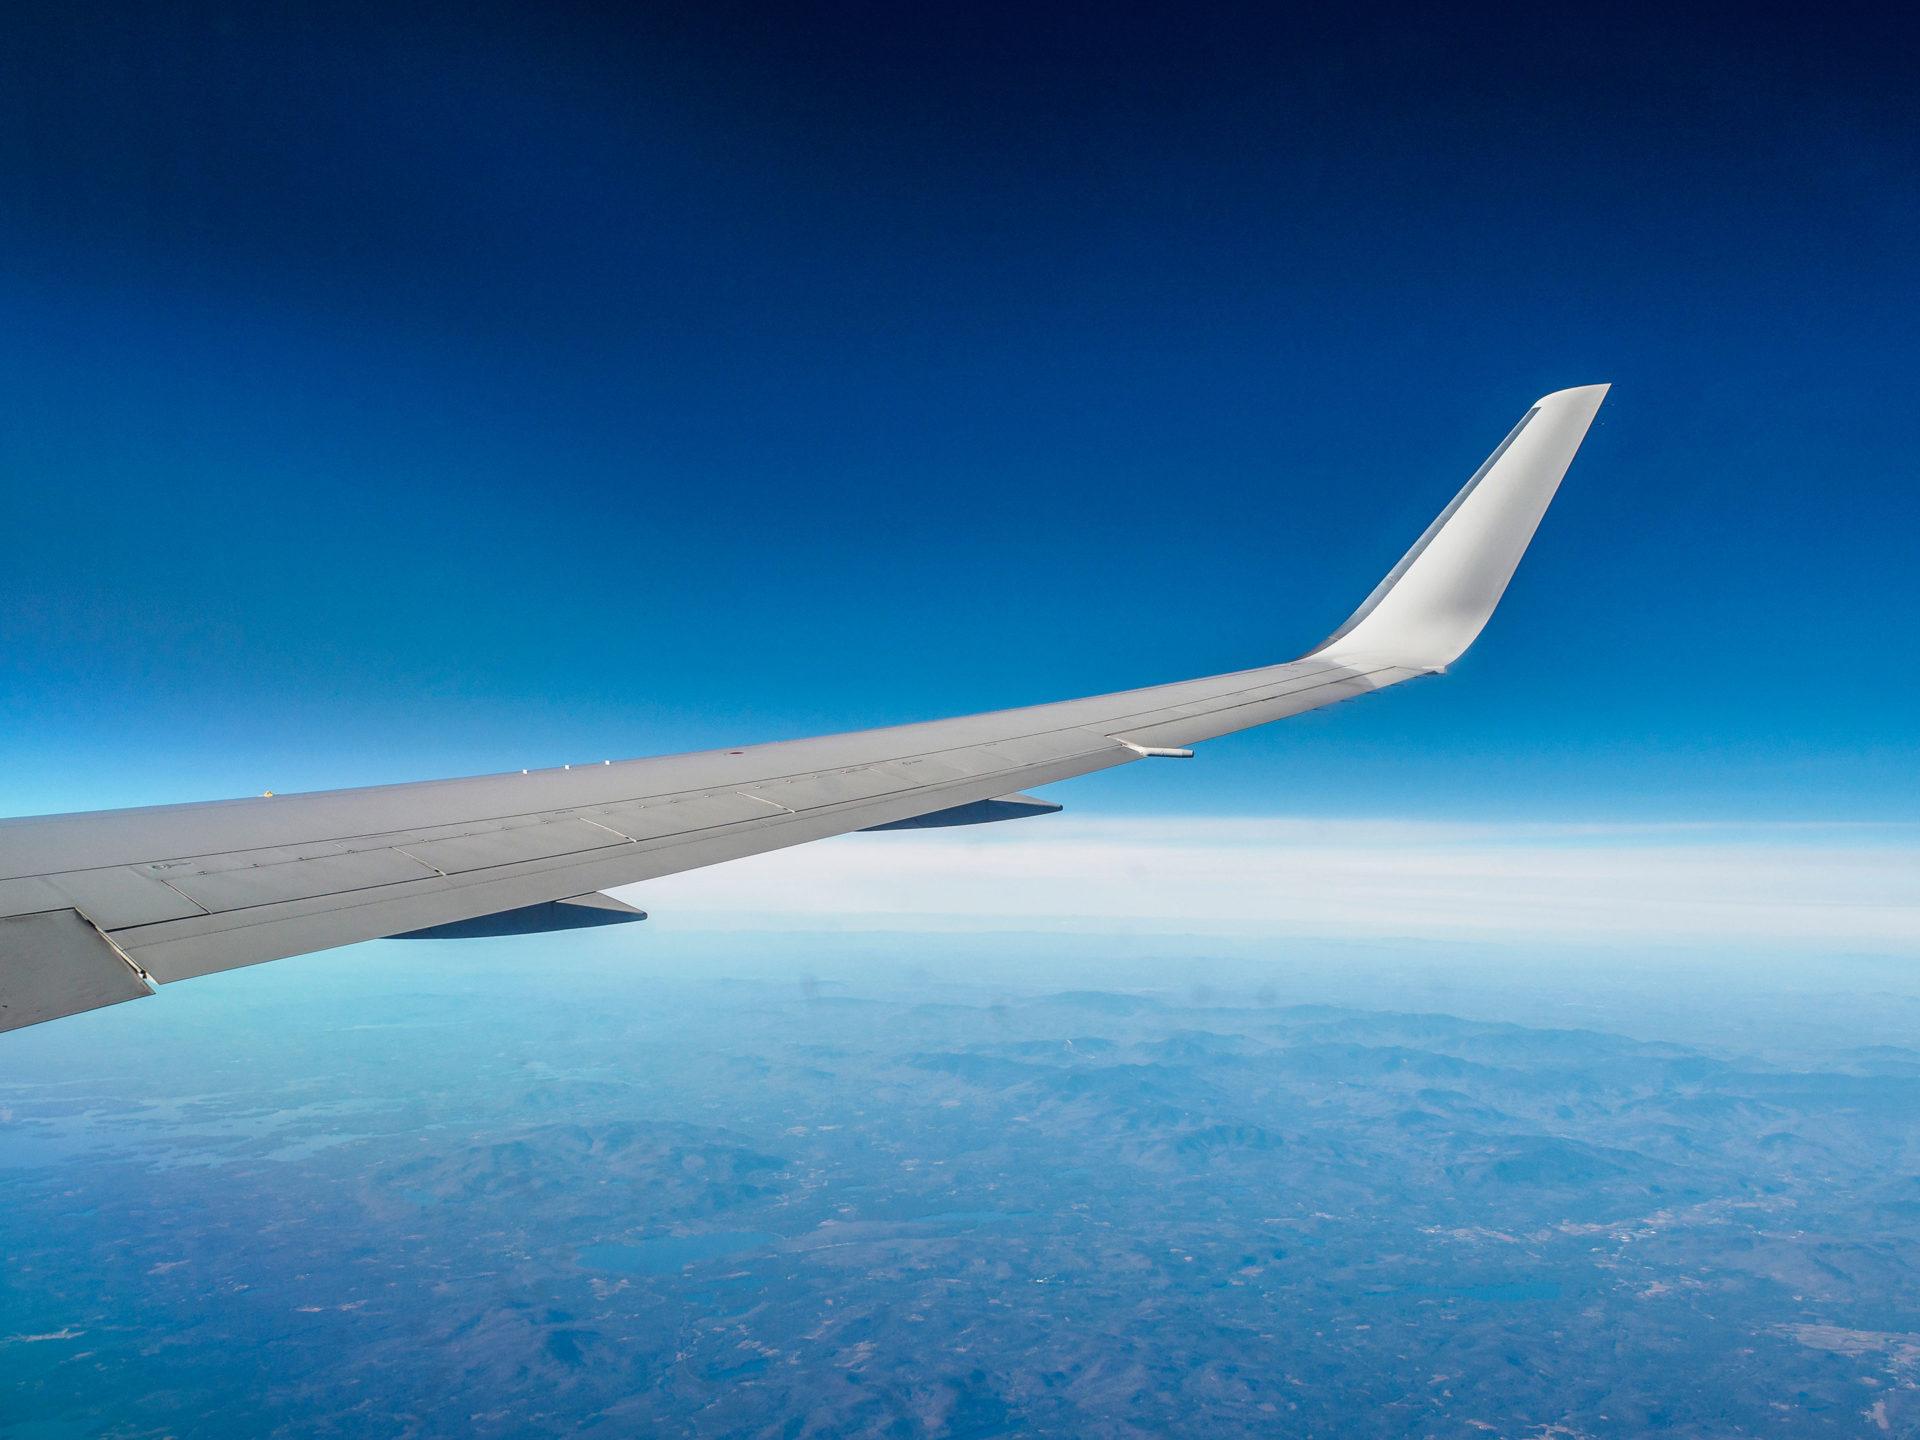 Die Flugzeugflügel und das Reisen allgemein stehen für den Freiraum der durch das Lernen von Sprachen entstehen kann.